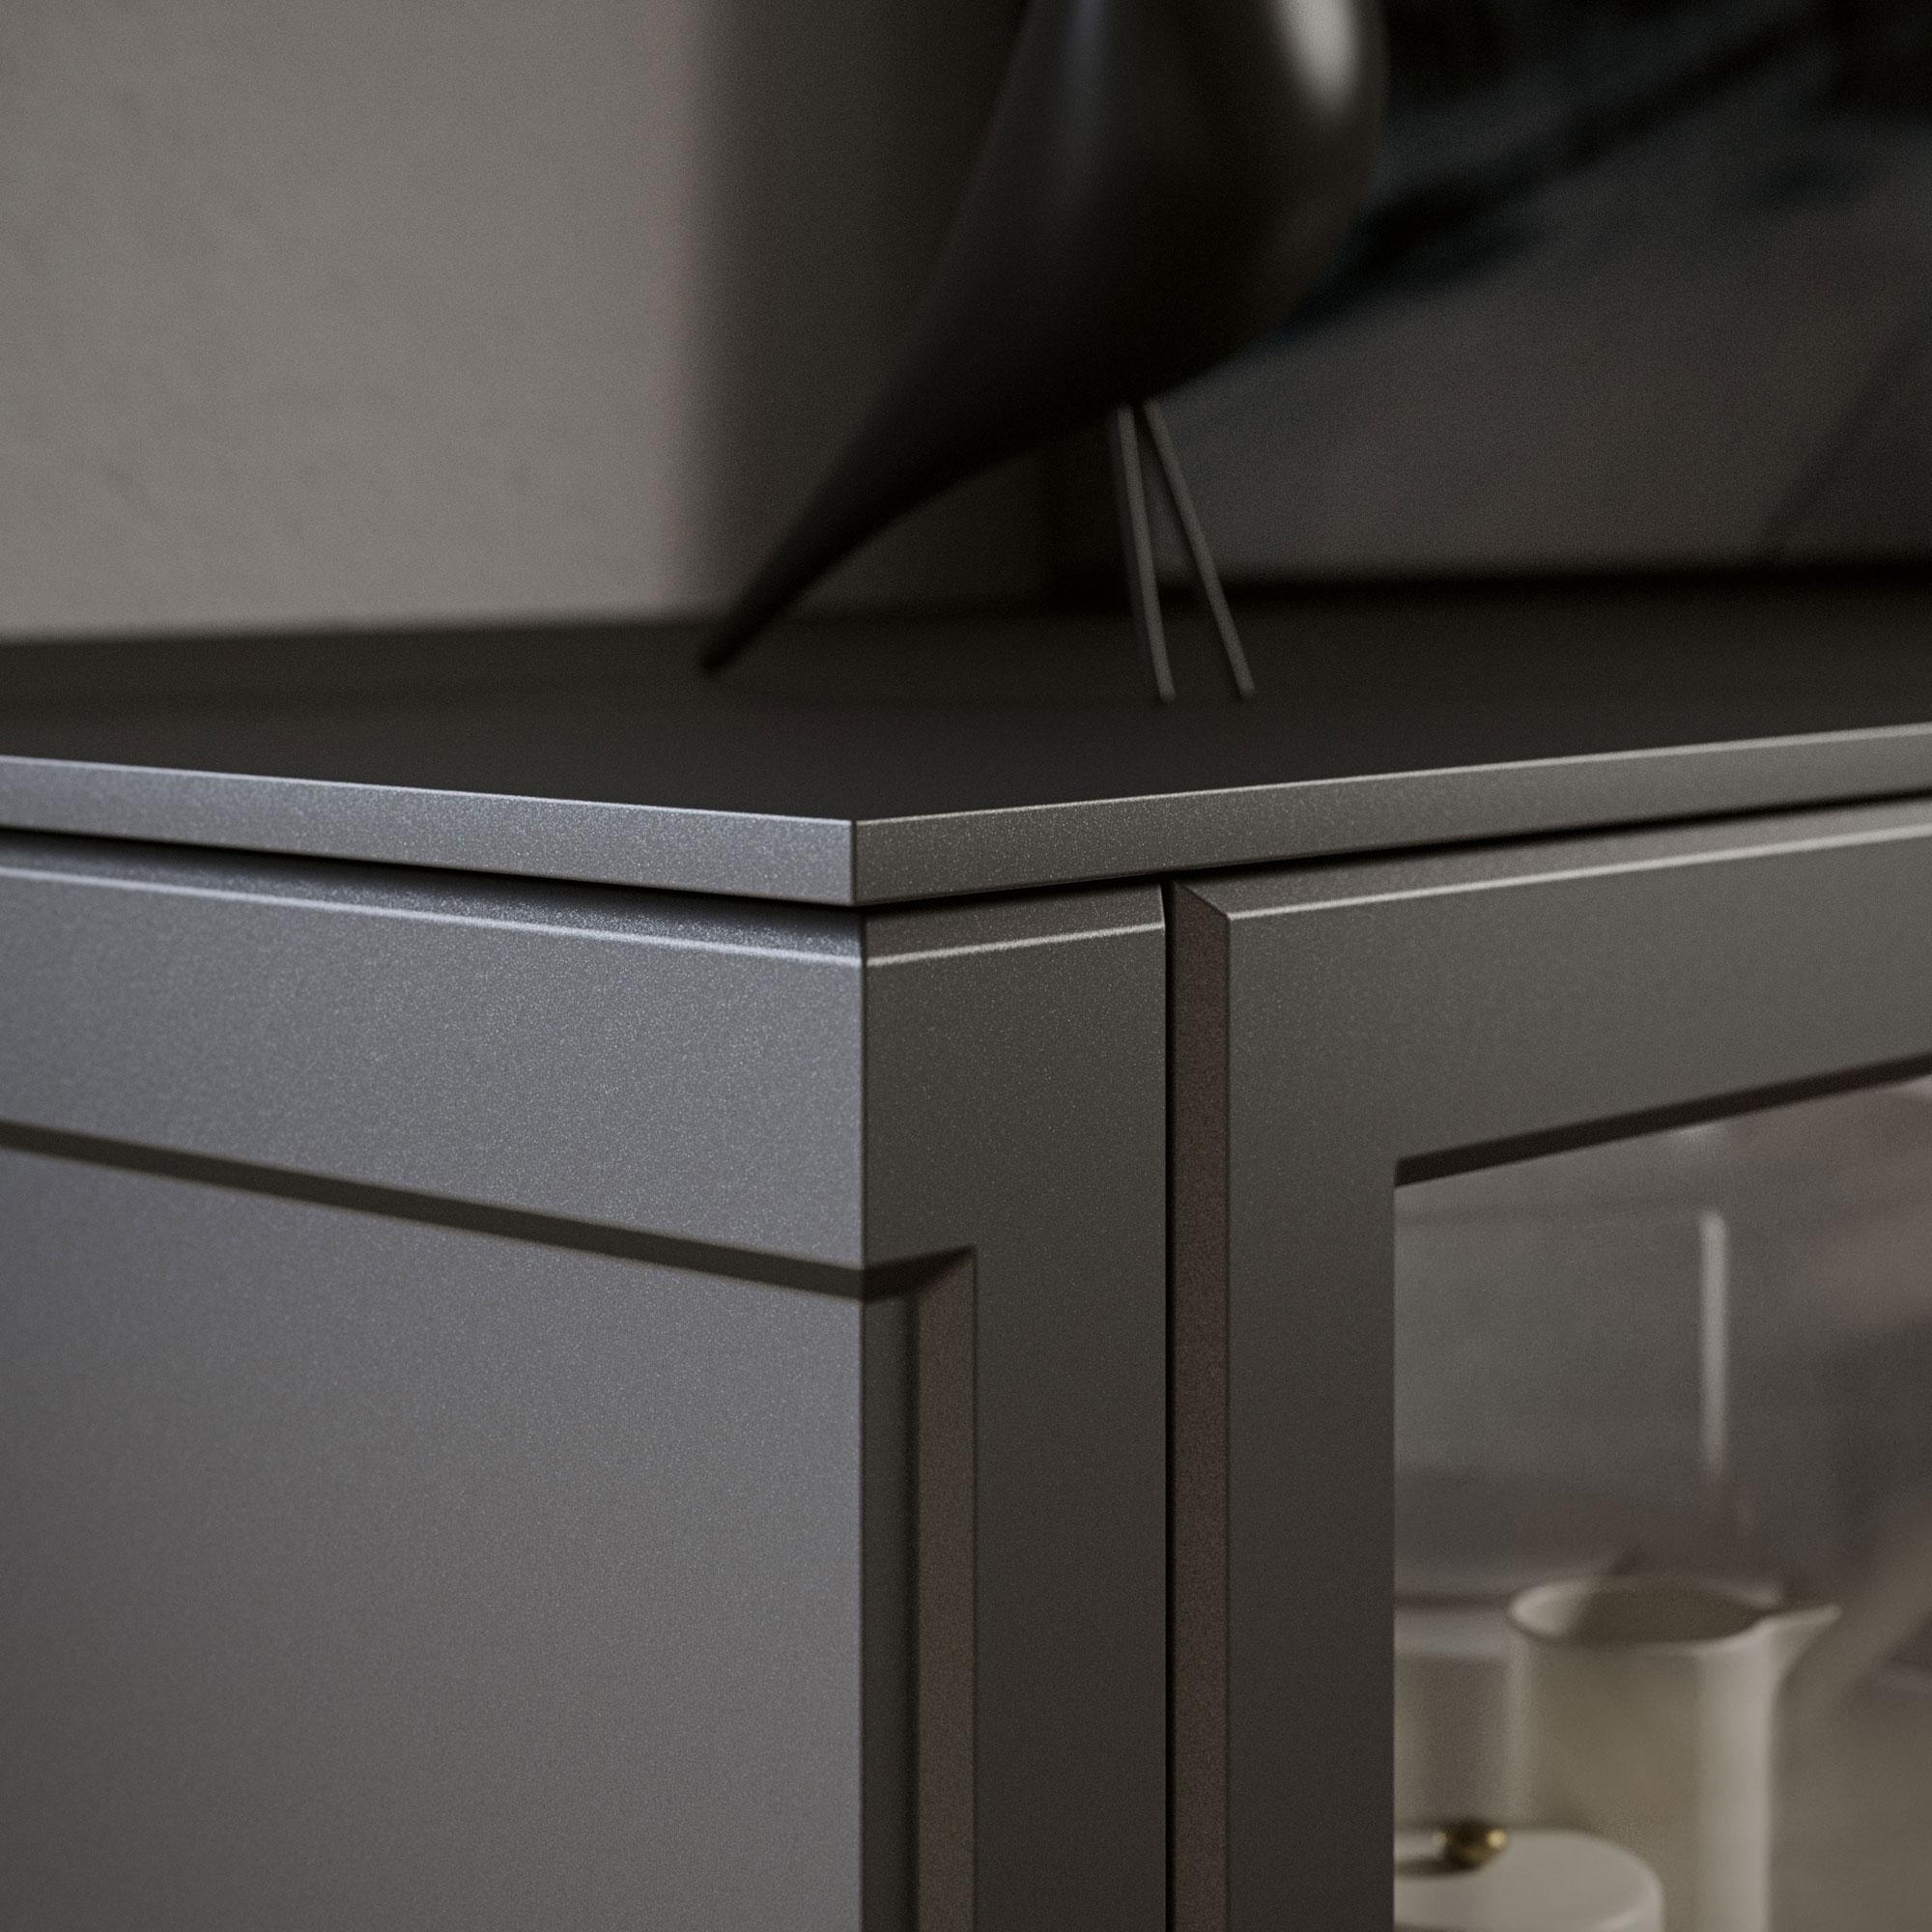 cucine-classiche-con-isola-frame-snaidero-dettaglio-5